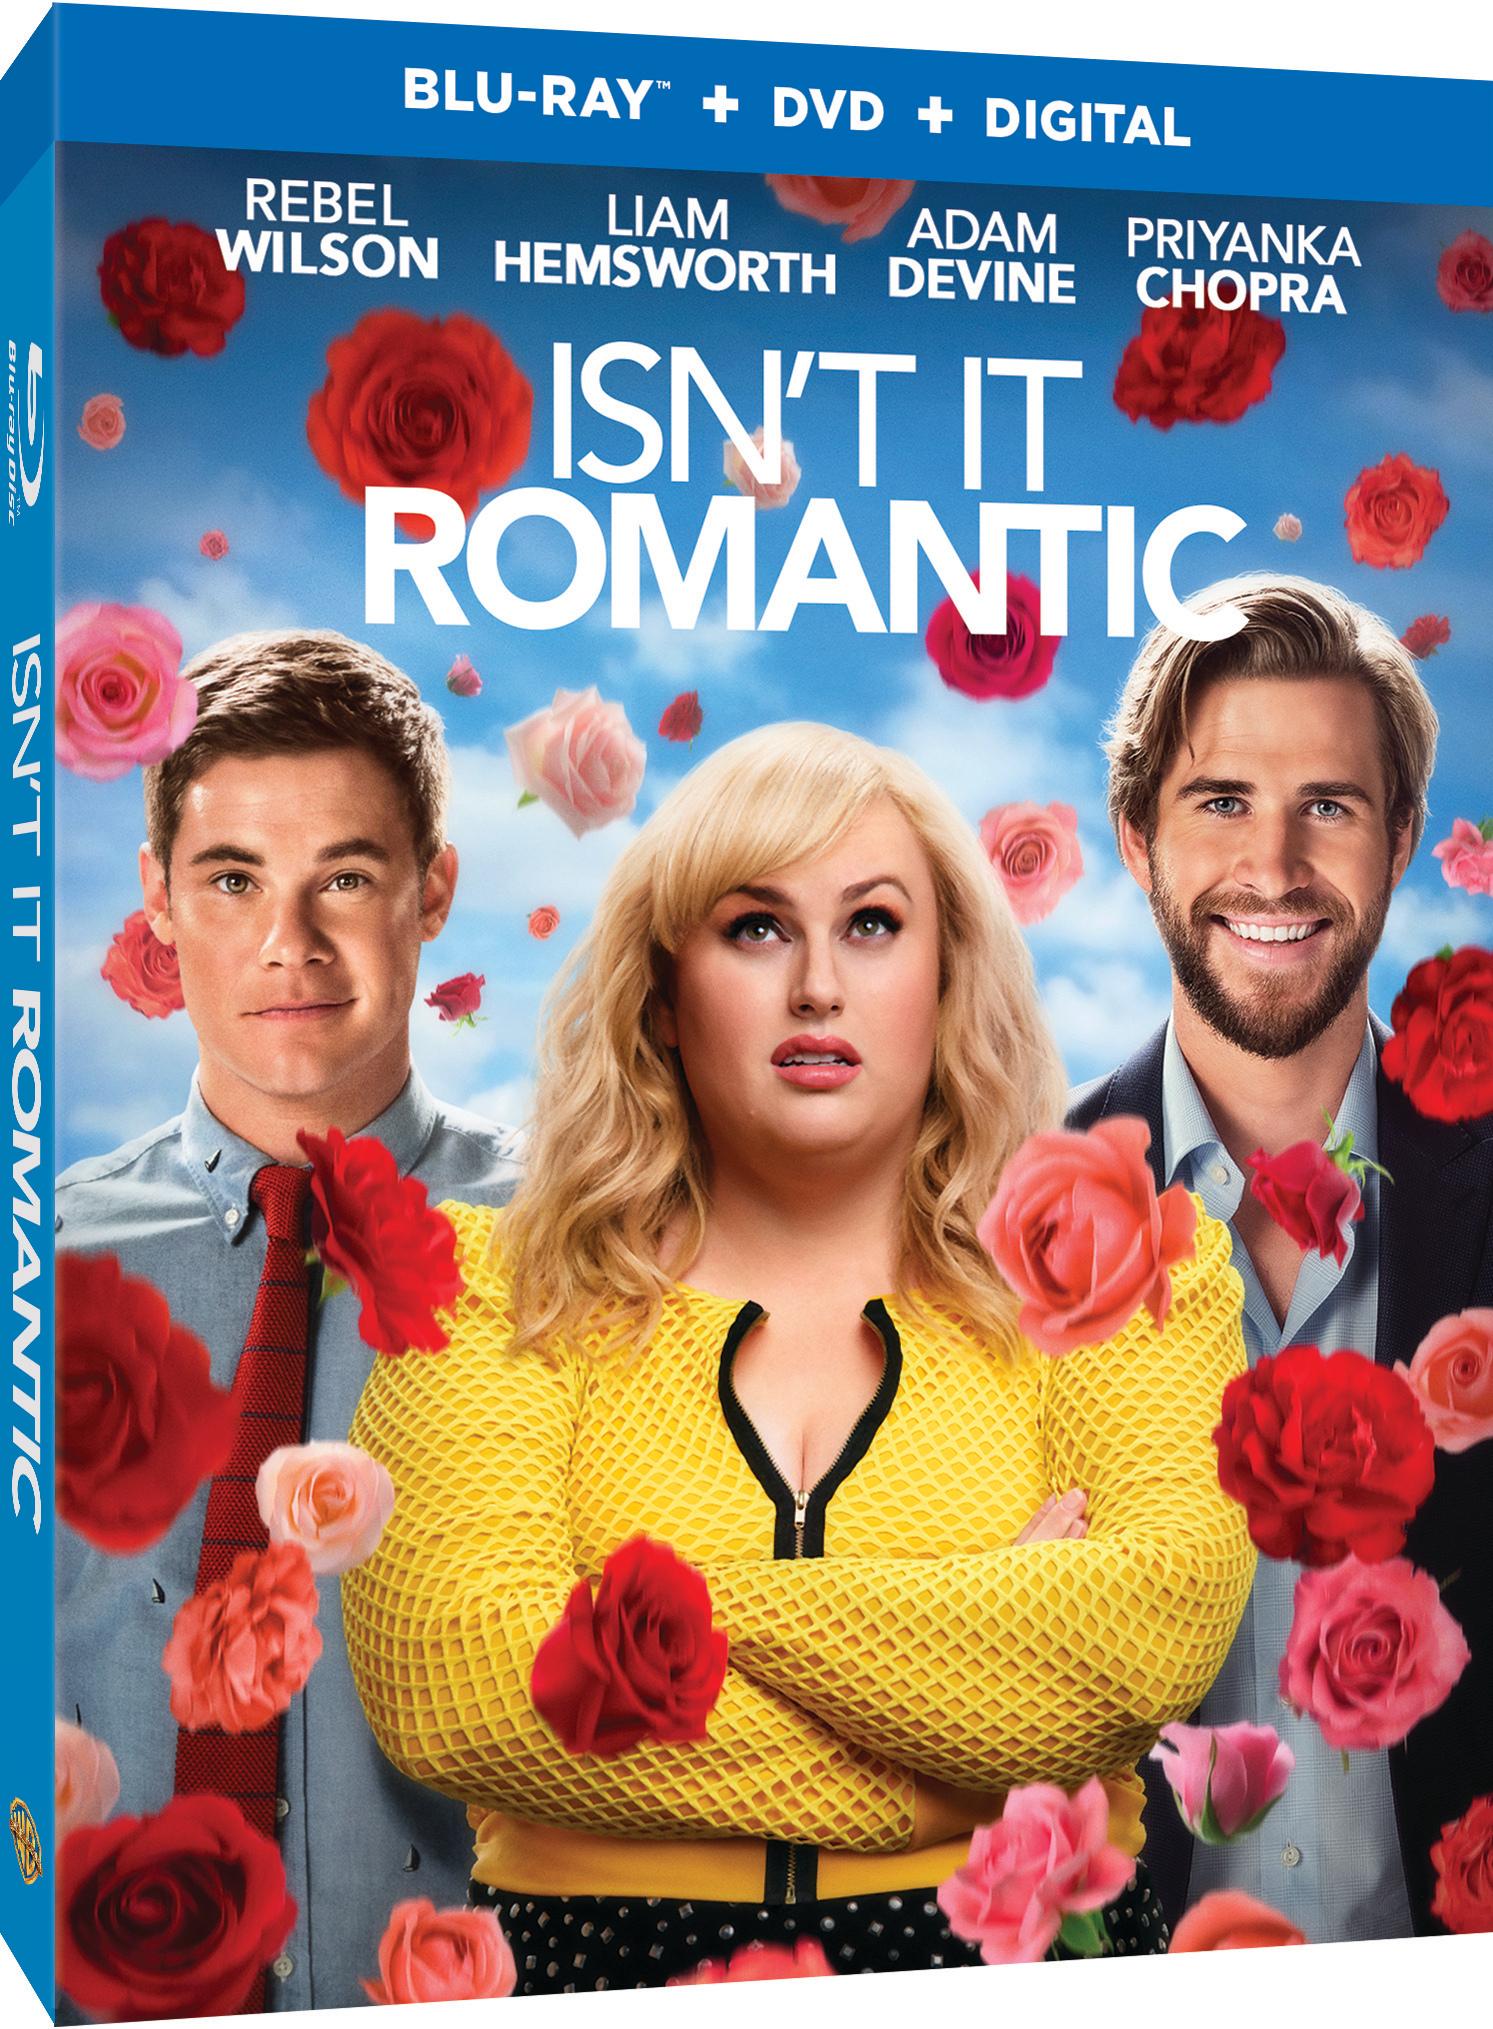 Isn't It Romantic Blu-ray